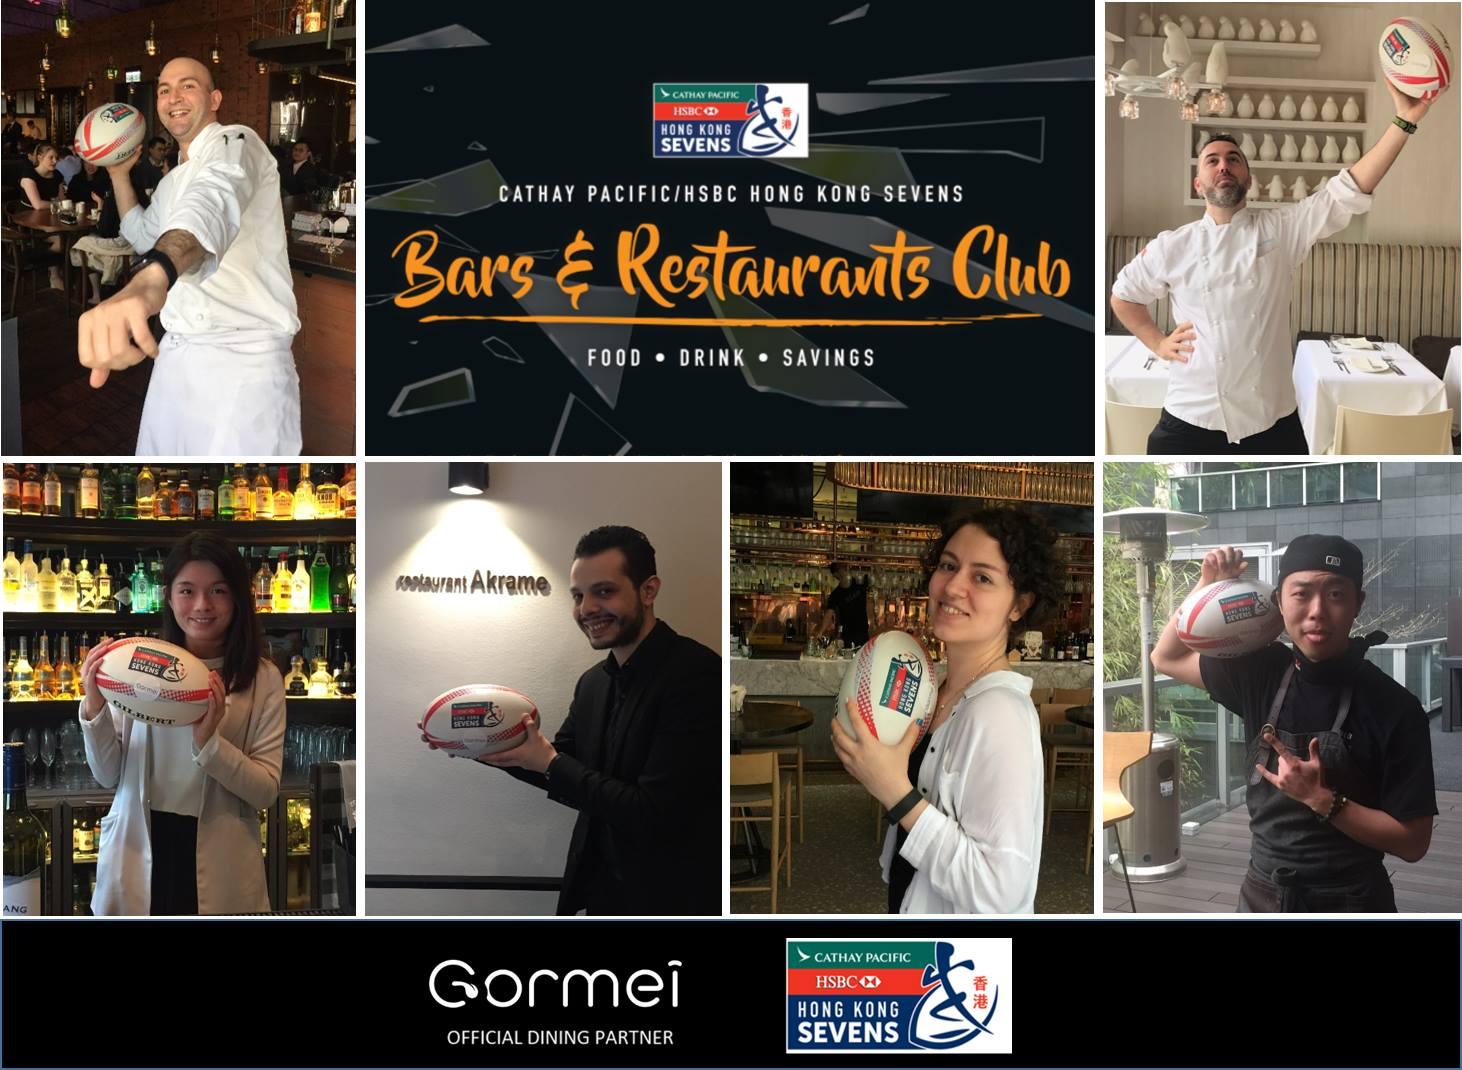 Gormei Hong Kong Sevens Dining Partner